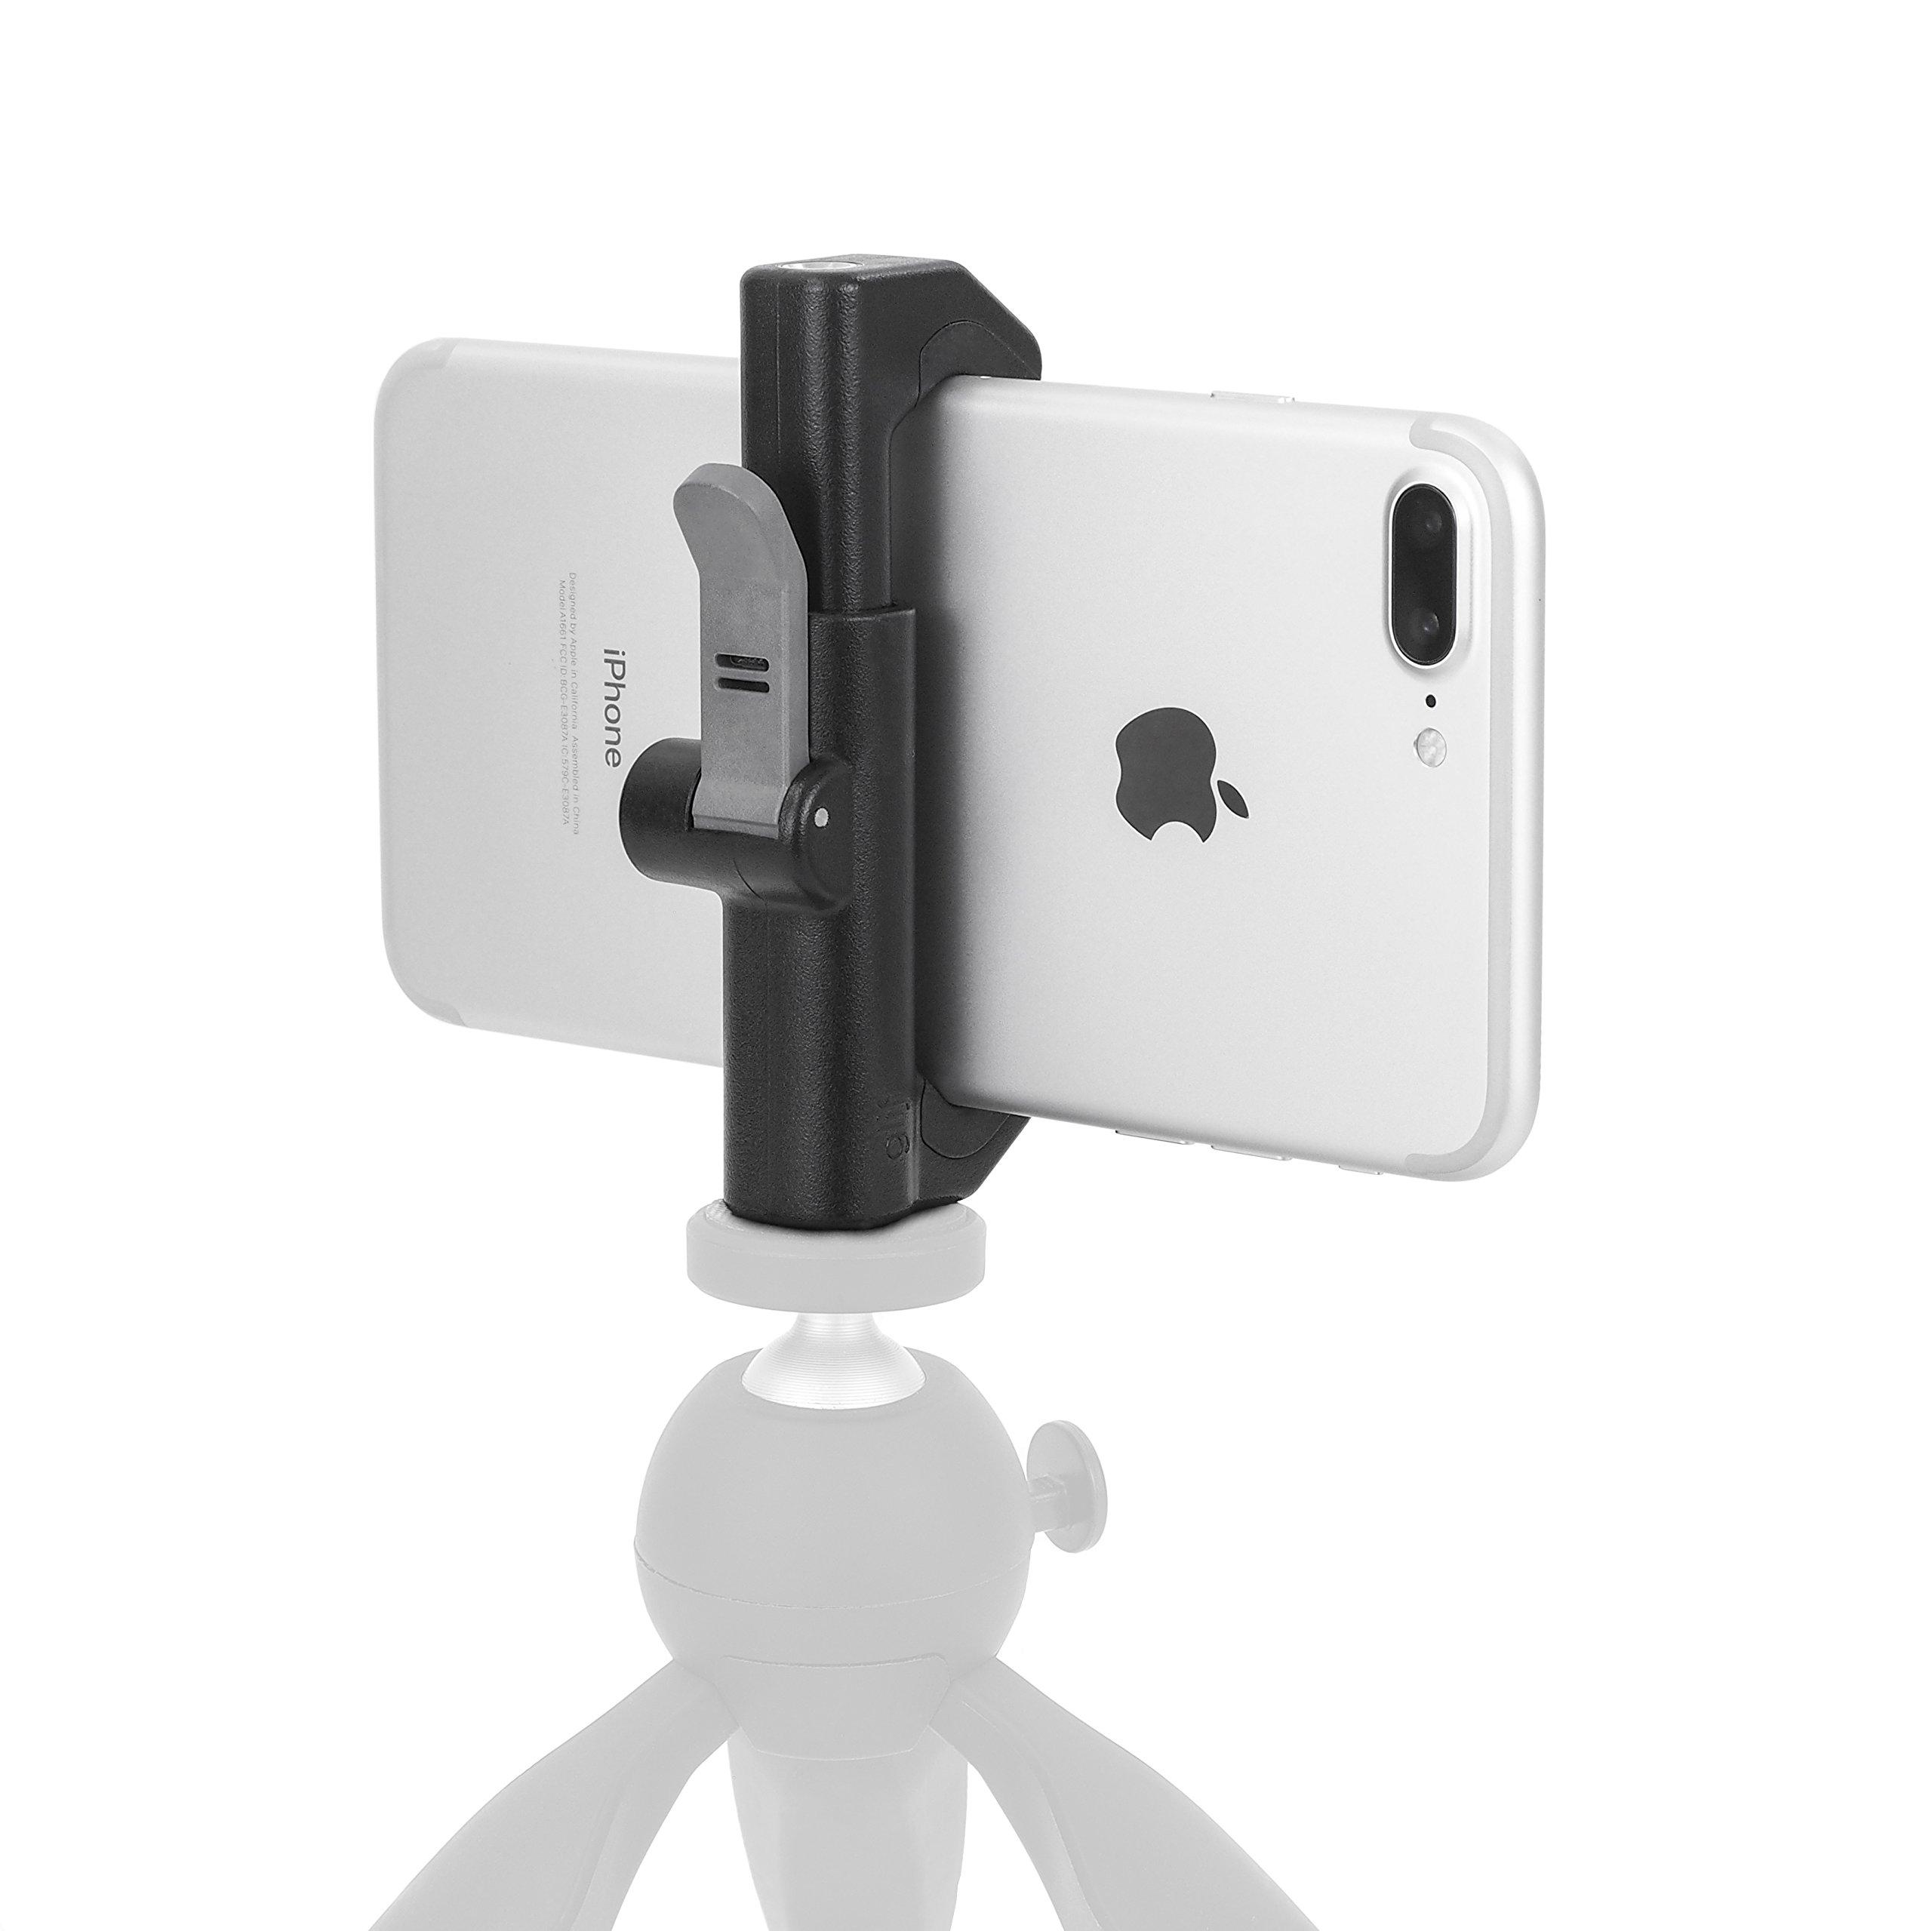 GLIF  - スマートフォンクイックリリース三脚スタンド(AppleのiPhone、サムスンギャラクシー、Googleのピクセルなど)。一般的な、すべてのデバイス、または縦方向のビューのために。